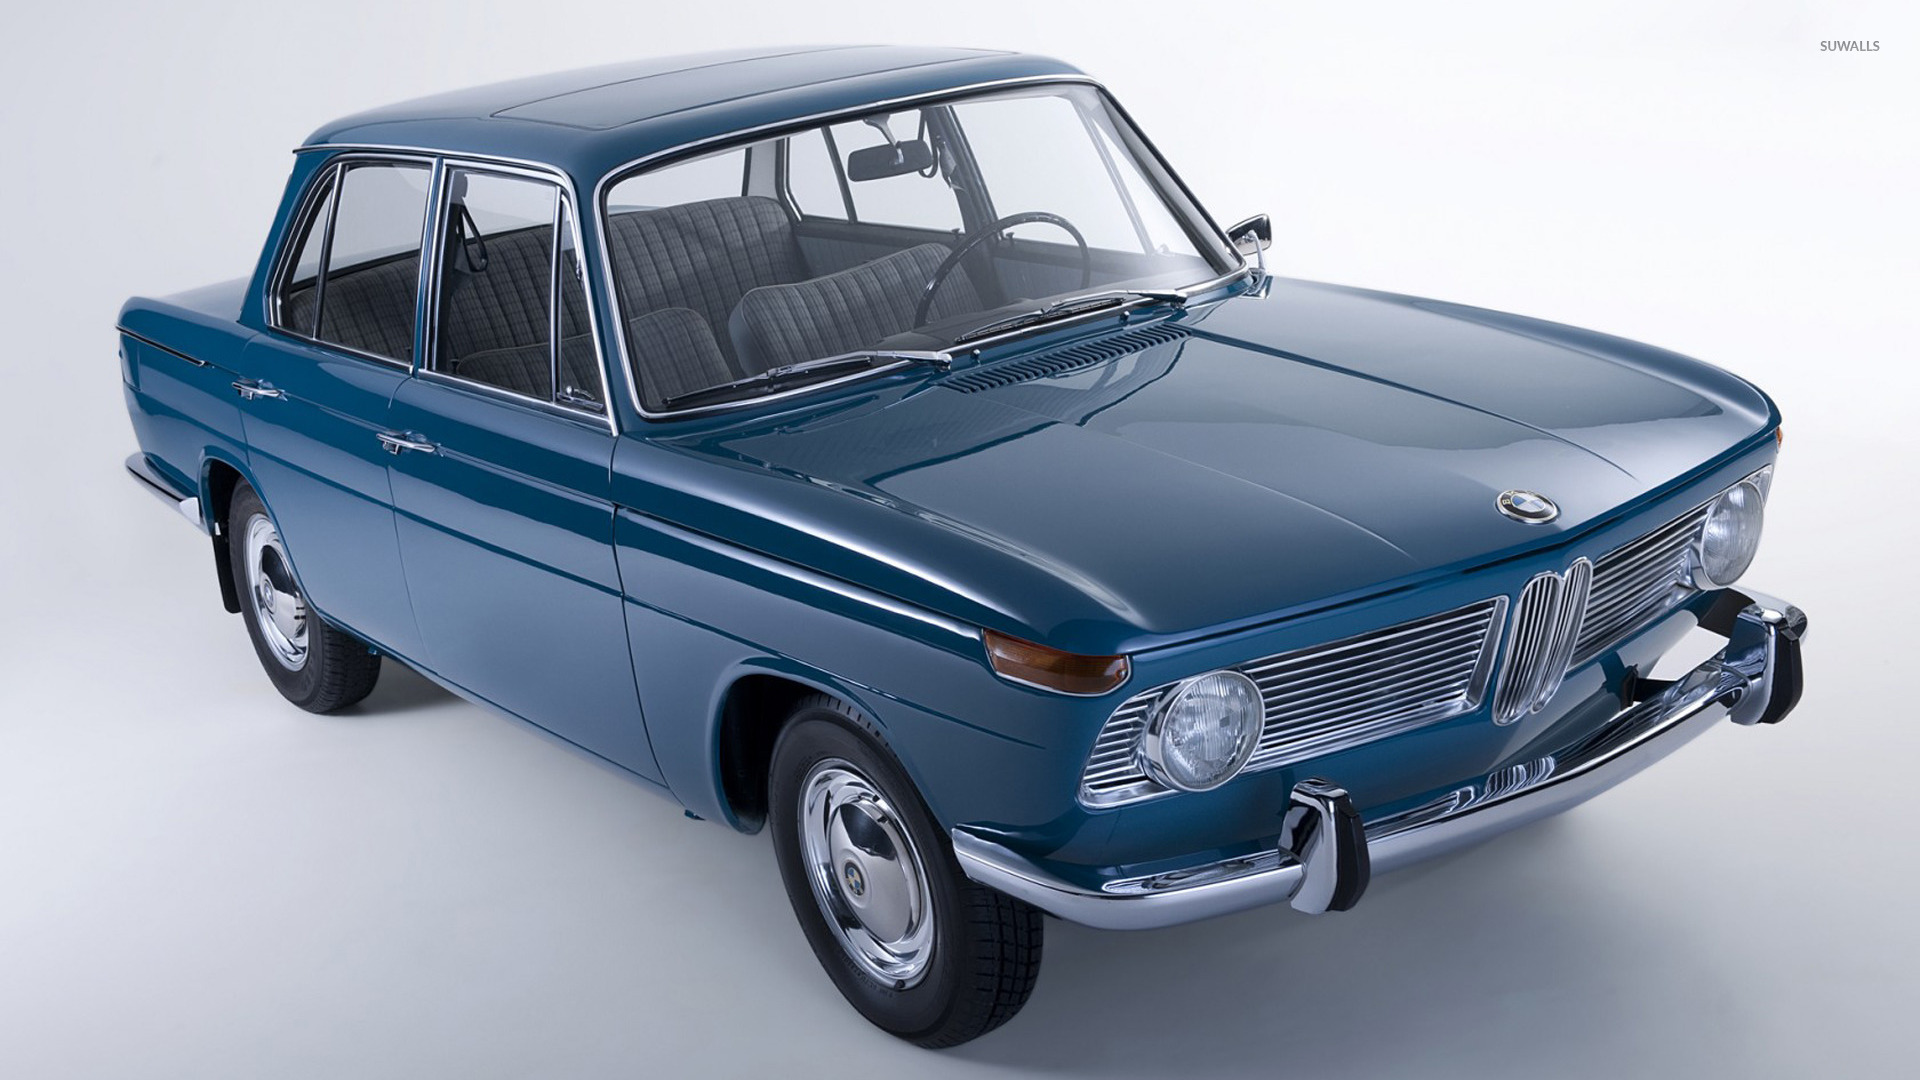 Image [ 10 of 50 ] - Bmw 1500 1962 On Motoimgcom Part of Bmw 1500 ...